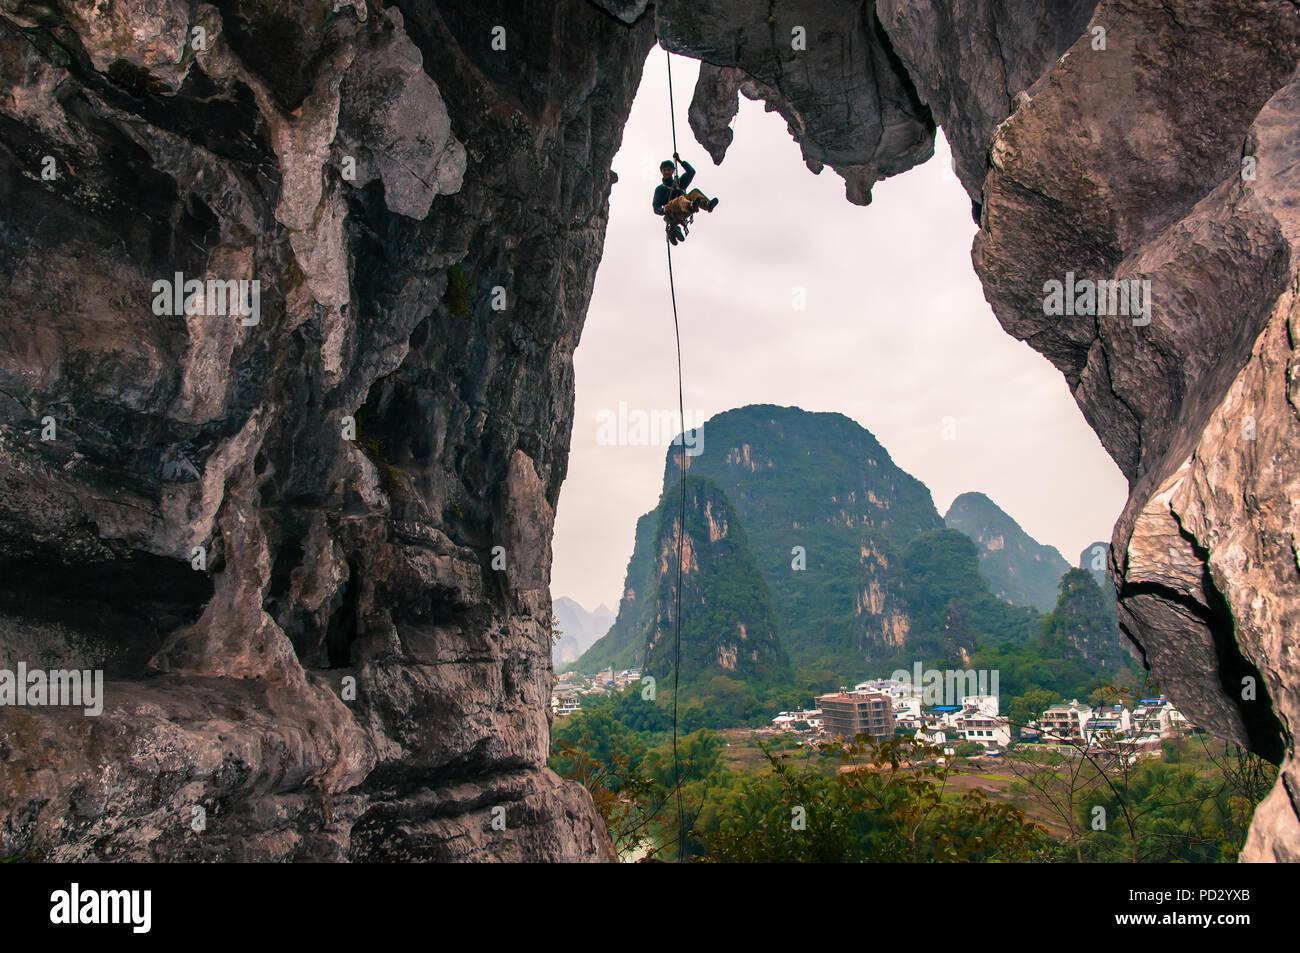 Escalada Deportiva en caliza, en Yangshuo, Guangxi, China Imagen De Stock